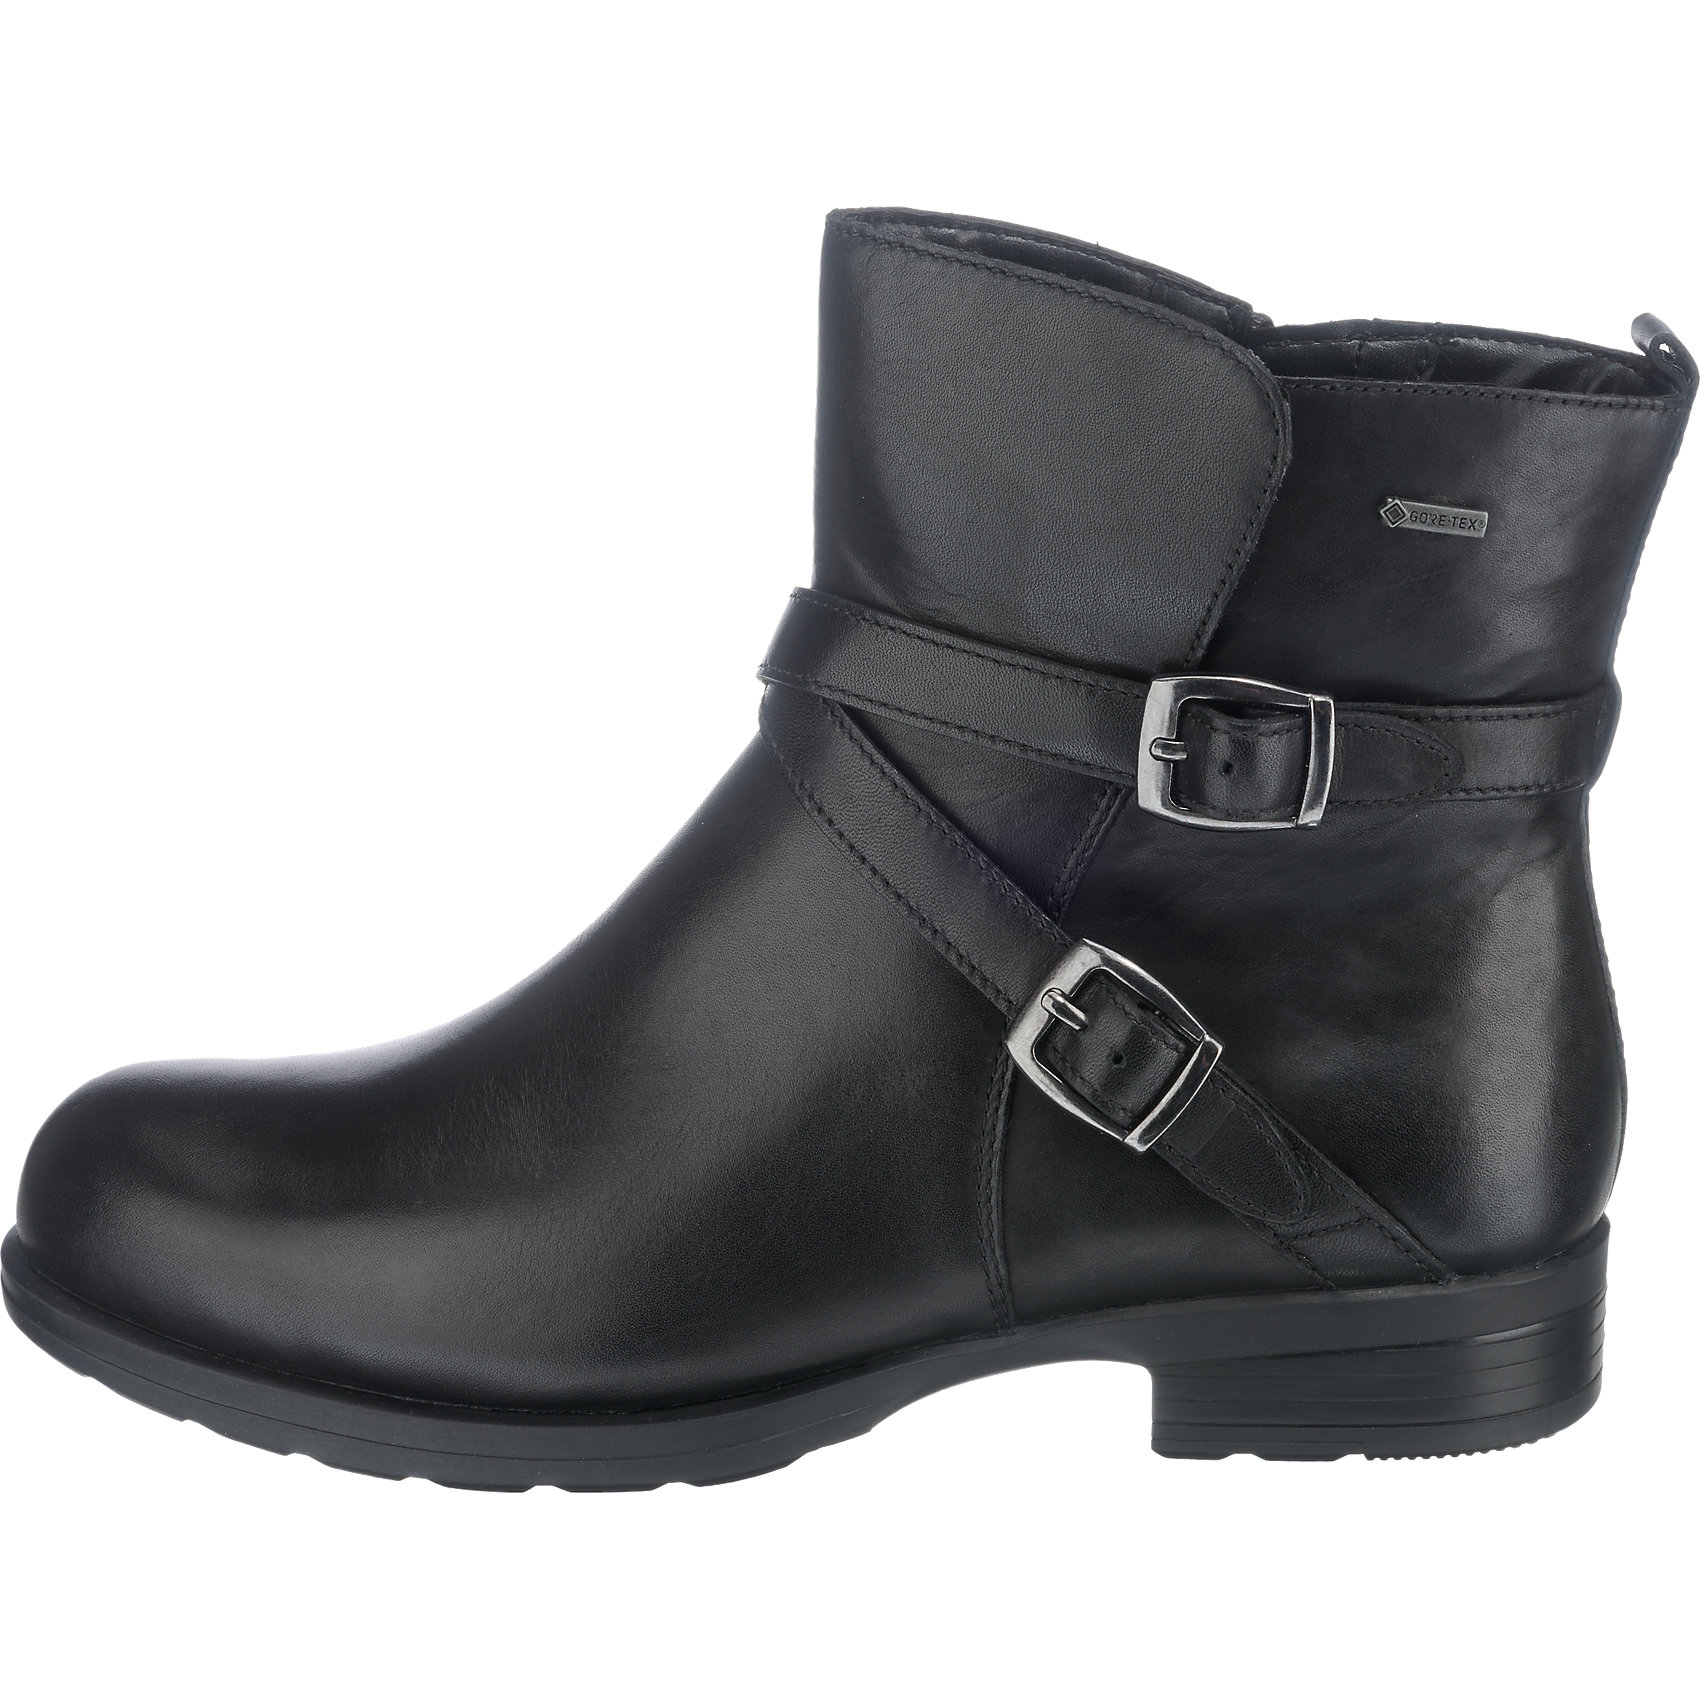 Neu Clarks Cheshunt schwarz Stiefeletten schwarz Cheshunt 5758404 dfd9b4